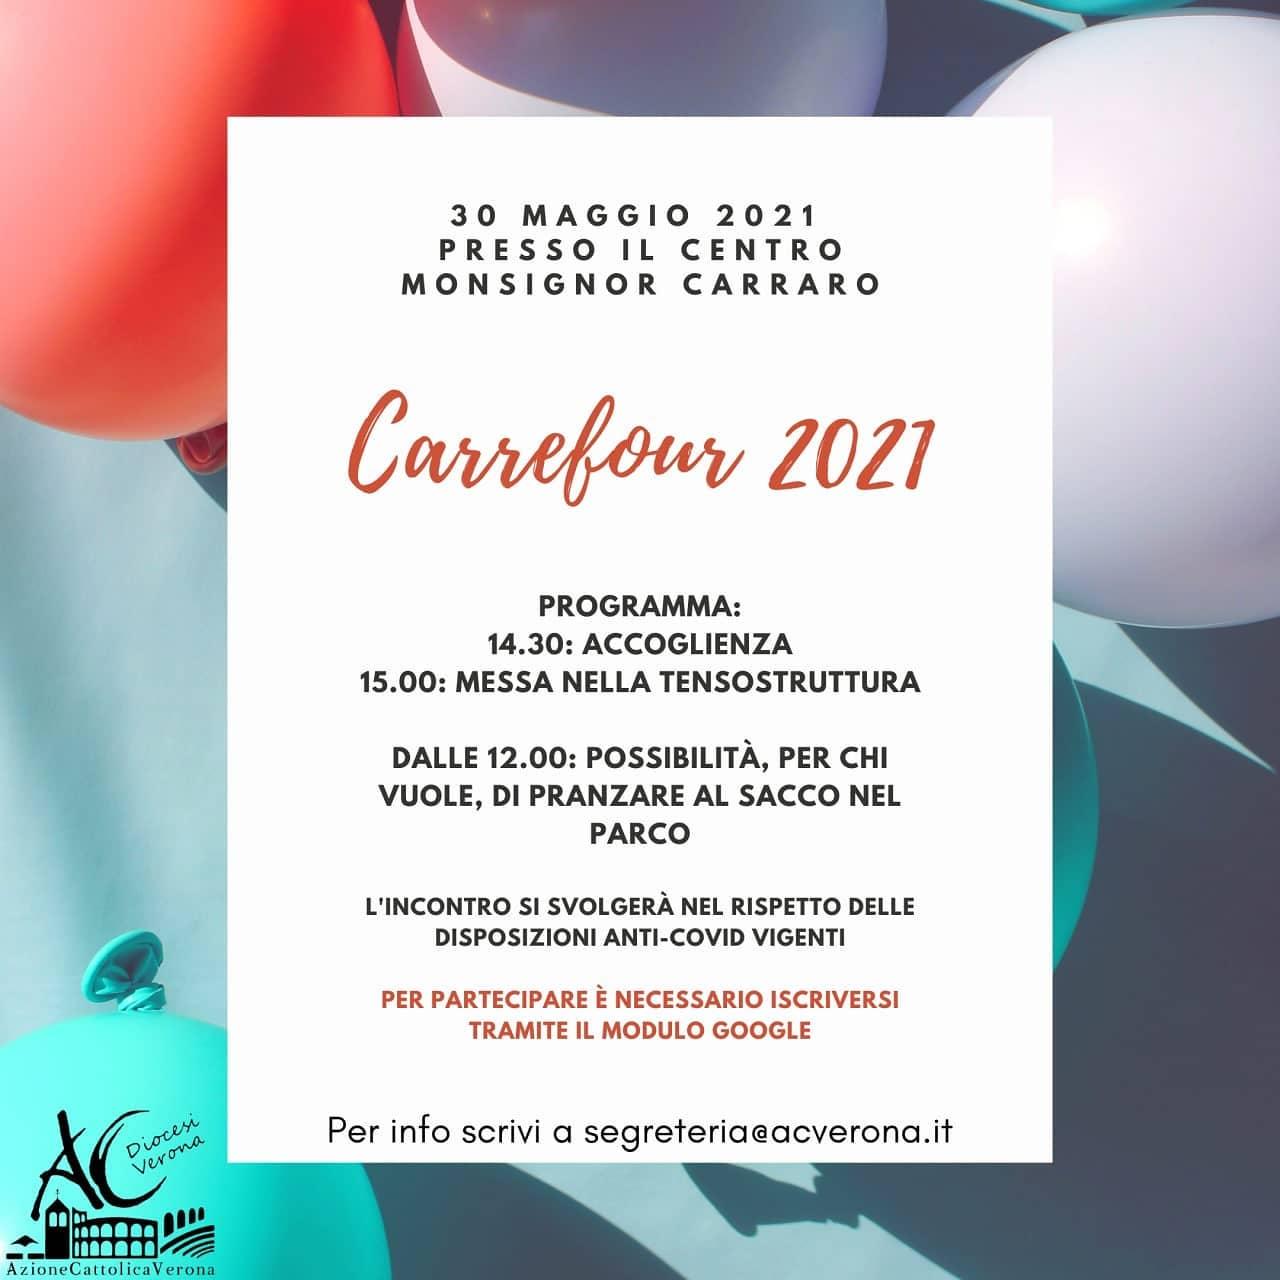 Volantino Carrefour 2021